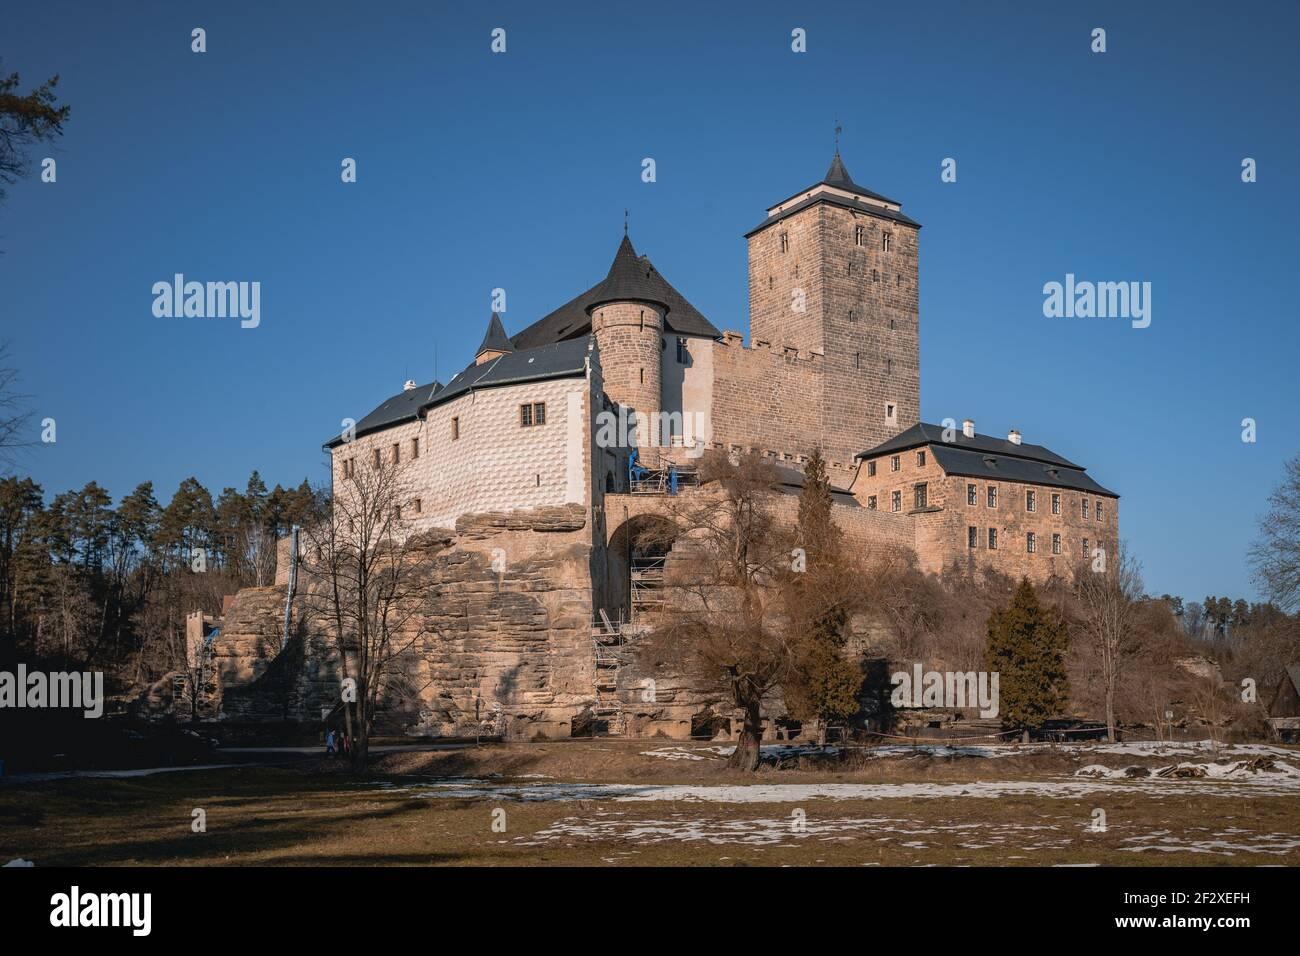 Le château gothique de Kost dans le parc national de Cesky Raj - Paradis tchèque. Vue imprenable sur le monument médiéval de la République tchèque. Europe centrale. Etat public Banque D'Images